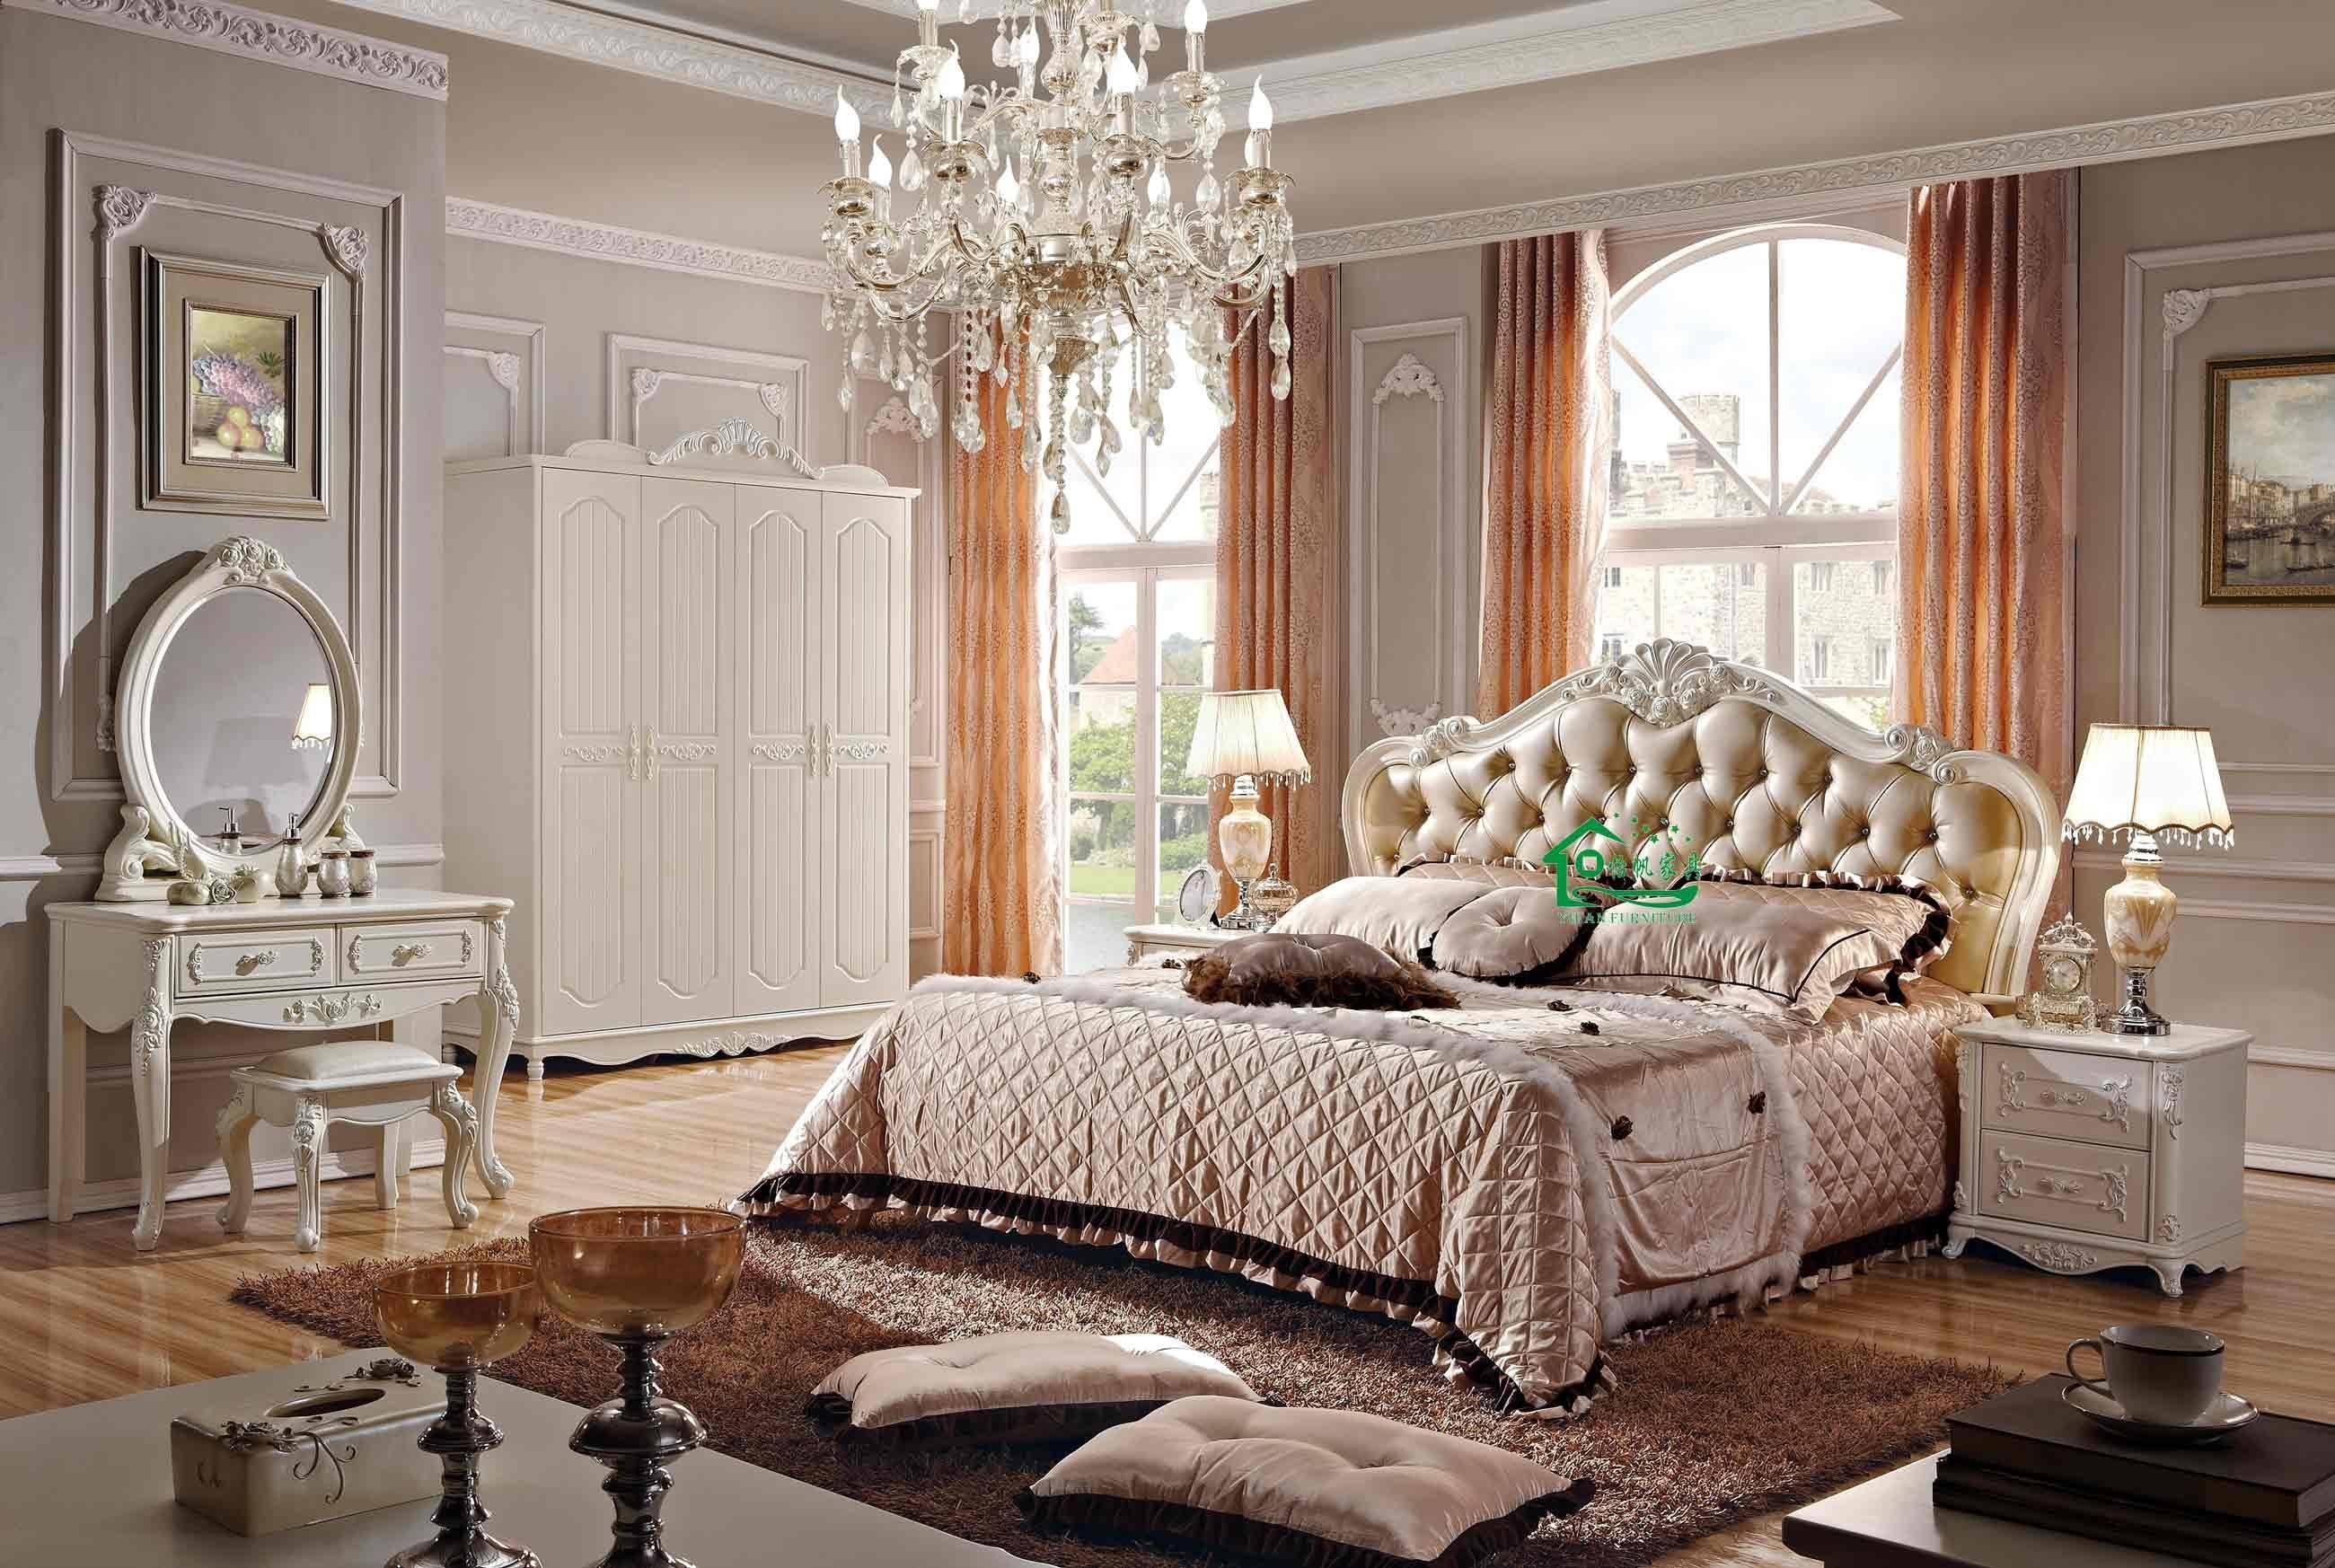 غرفة إيطالية ملكية ذات ترتيب معقد وأرضية خشبية لماعة وبساط بني فاخر وناعم